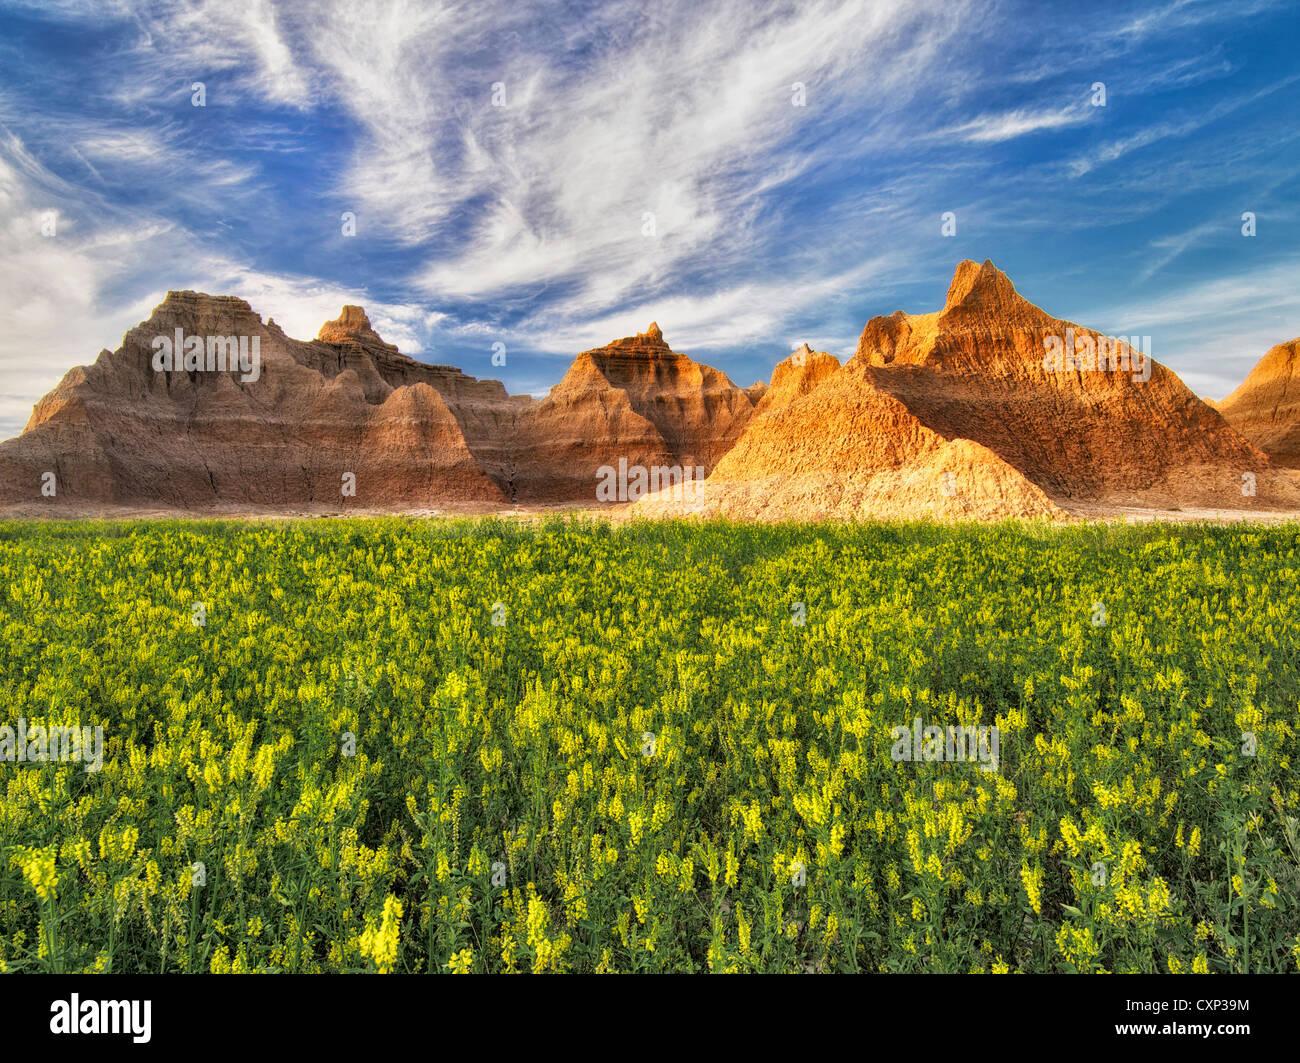 Amarillo Dulce de trébol y formaciones rocosas. El Parque Nacional Badlands, Dakota del Sur. Foto de stock